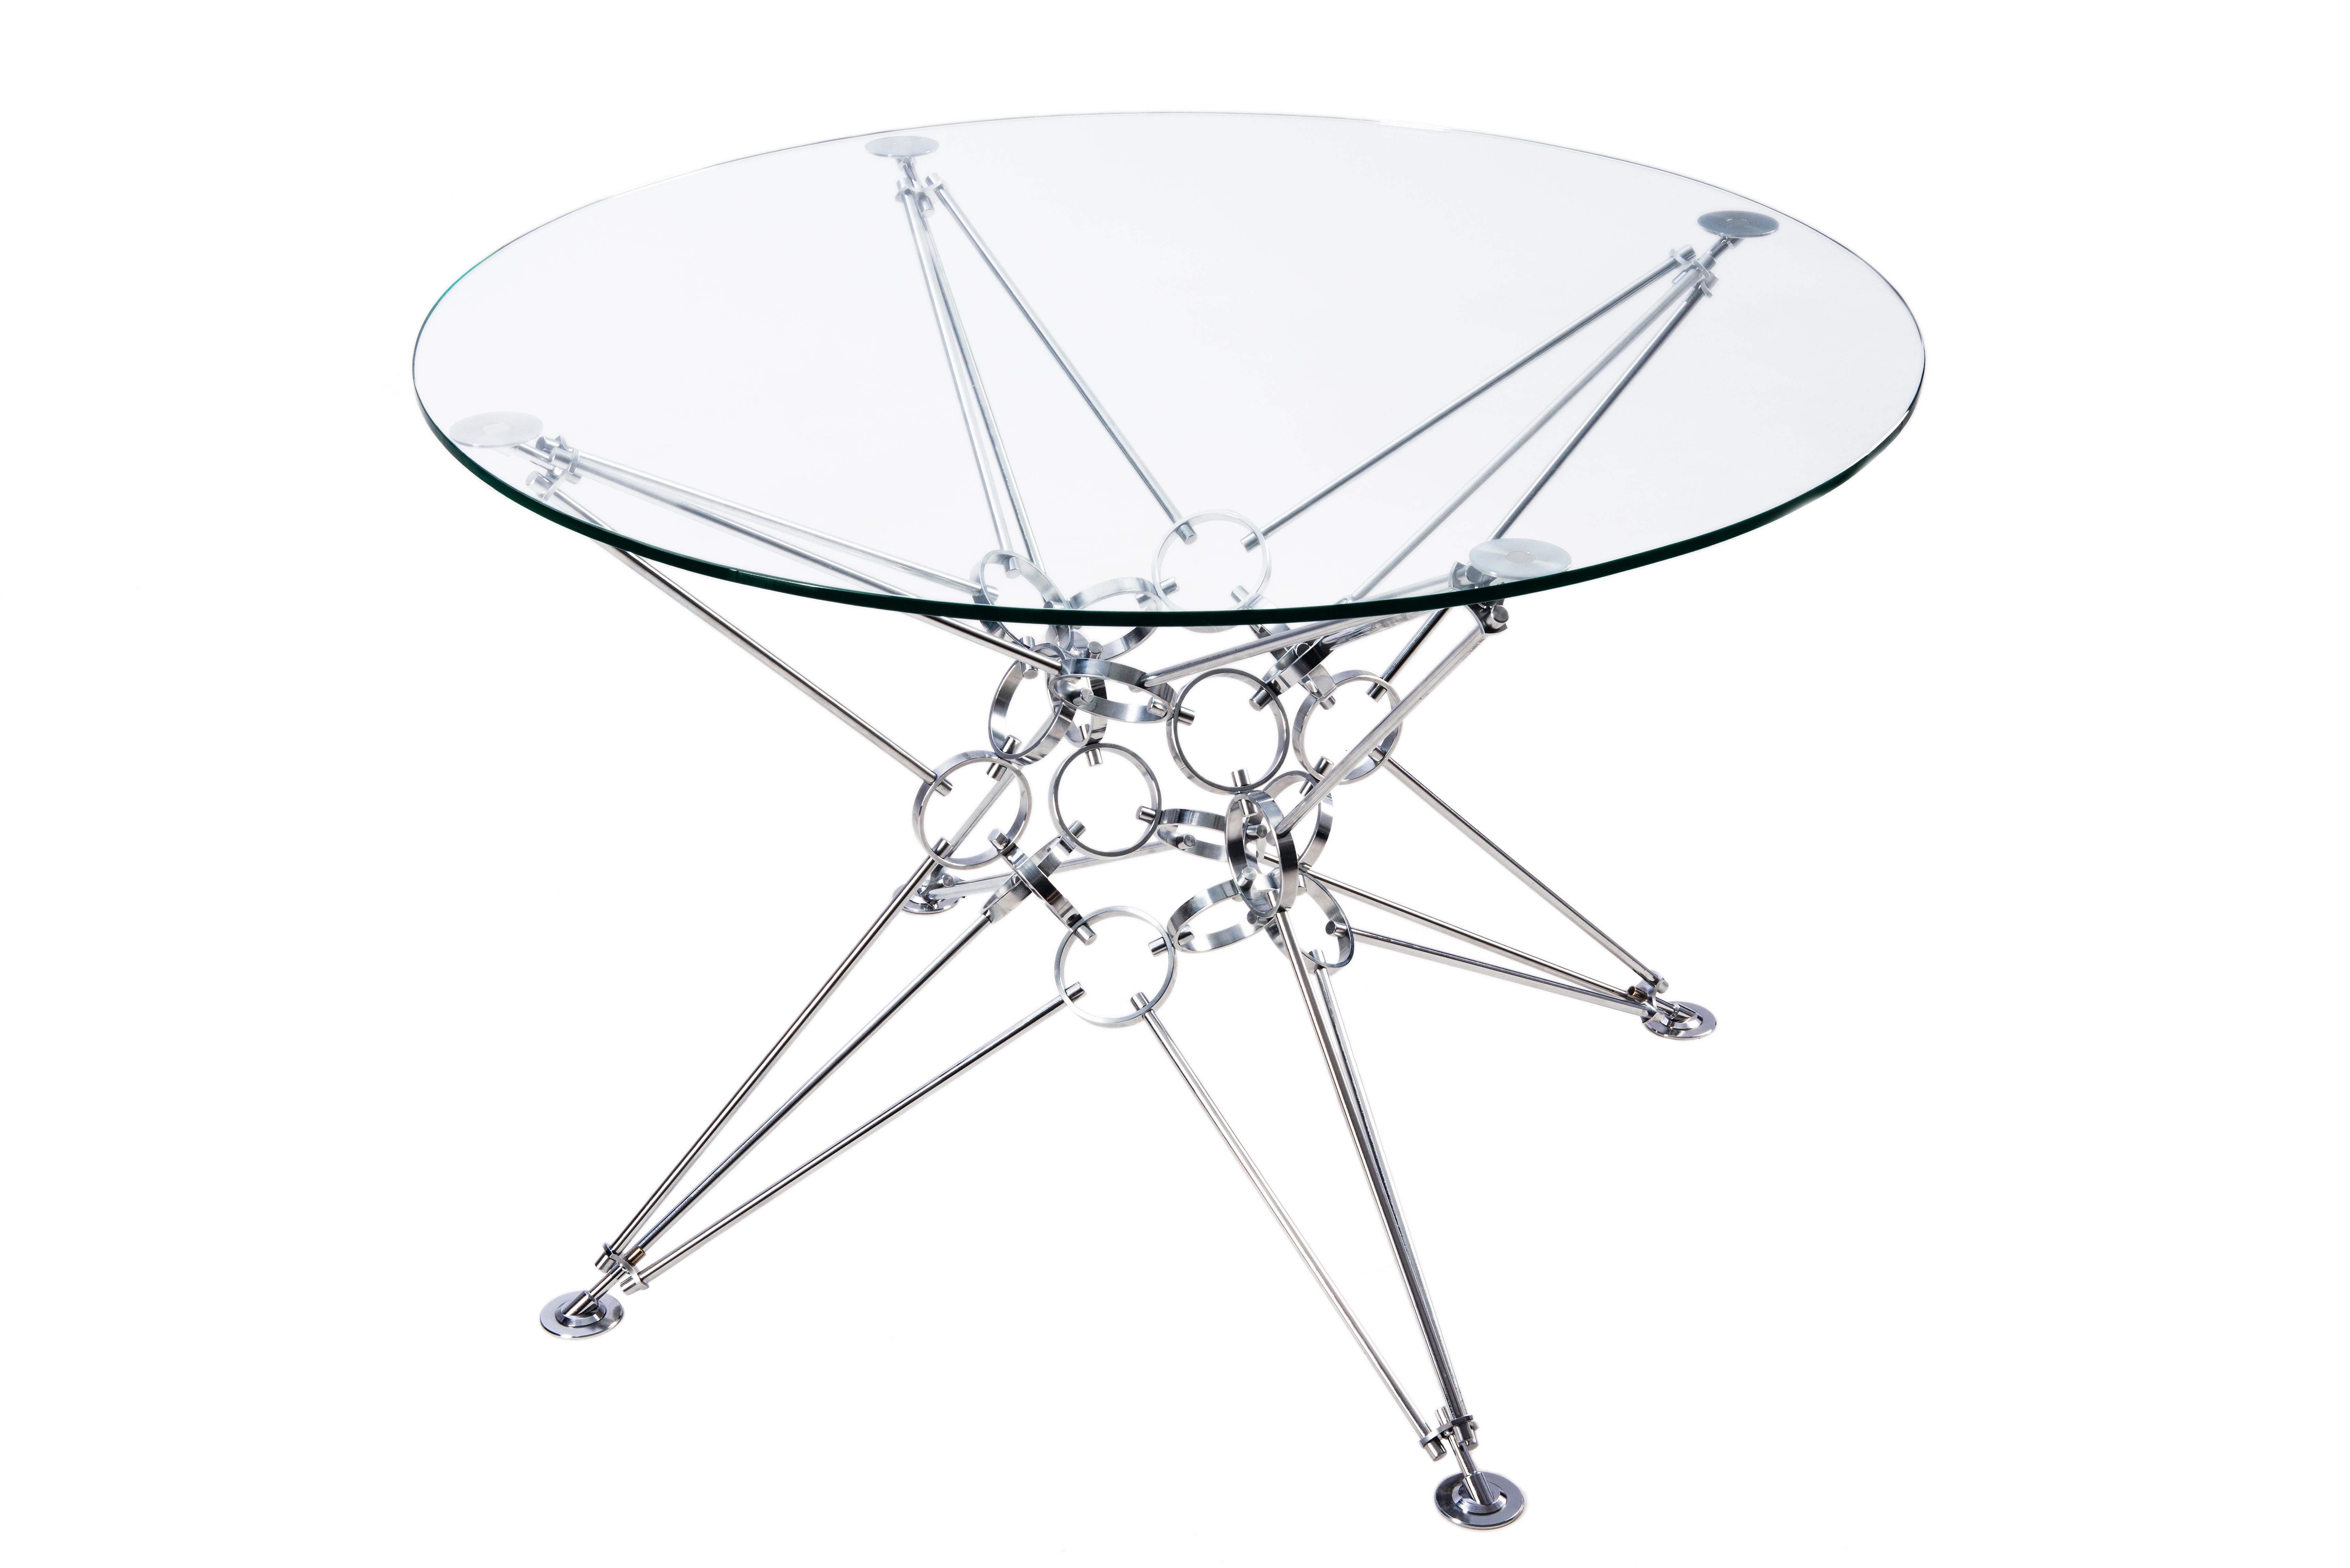 Стол 8 пирамидОбеденные столы<br>&amp;lt;div&amp;gt;Объект космической энергии. В основе предметов &amp;amp;nbsp;«8 ?» лежат правильные многогранники, которые были классифицированы &amp;amp;nbsp;Платоном &amp;amp;nbsp;как 5 элементов мироздания: куб - земля, тетраэдр — огонь, октаэдр — воздух, икосаэдр — вода, додекаэдр — эфир. Такие формы предметов несут в себе заряд положительной космической энергией и &amp;amp;nbsp;оказывают благотворное влияние на человека.&amp;lt;br&amp;gt;&amp;lt;/div&amp;gt;&amp;lt;div&amp;gt;&amp;lt;br&amp;gt;&amp;lt;/div&amp;gt;&amp;lt;div&amp;gt;Материал столешницы: стекло закаленное, толщина 10 мм.&amp;lt;div&amp;gt;Материал основания: хромированная сталь.&amp;lt;/div&amp;gt;&amp;lt;/div&amp;gt;&amp;lt;div&amp;gt;&amp;lt;/div&amp;gt;<br><br>Material: Стекло<br>Height см: 74<br>Diameter см: 110